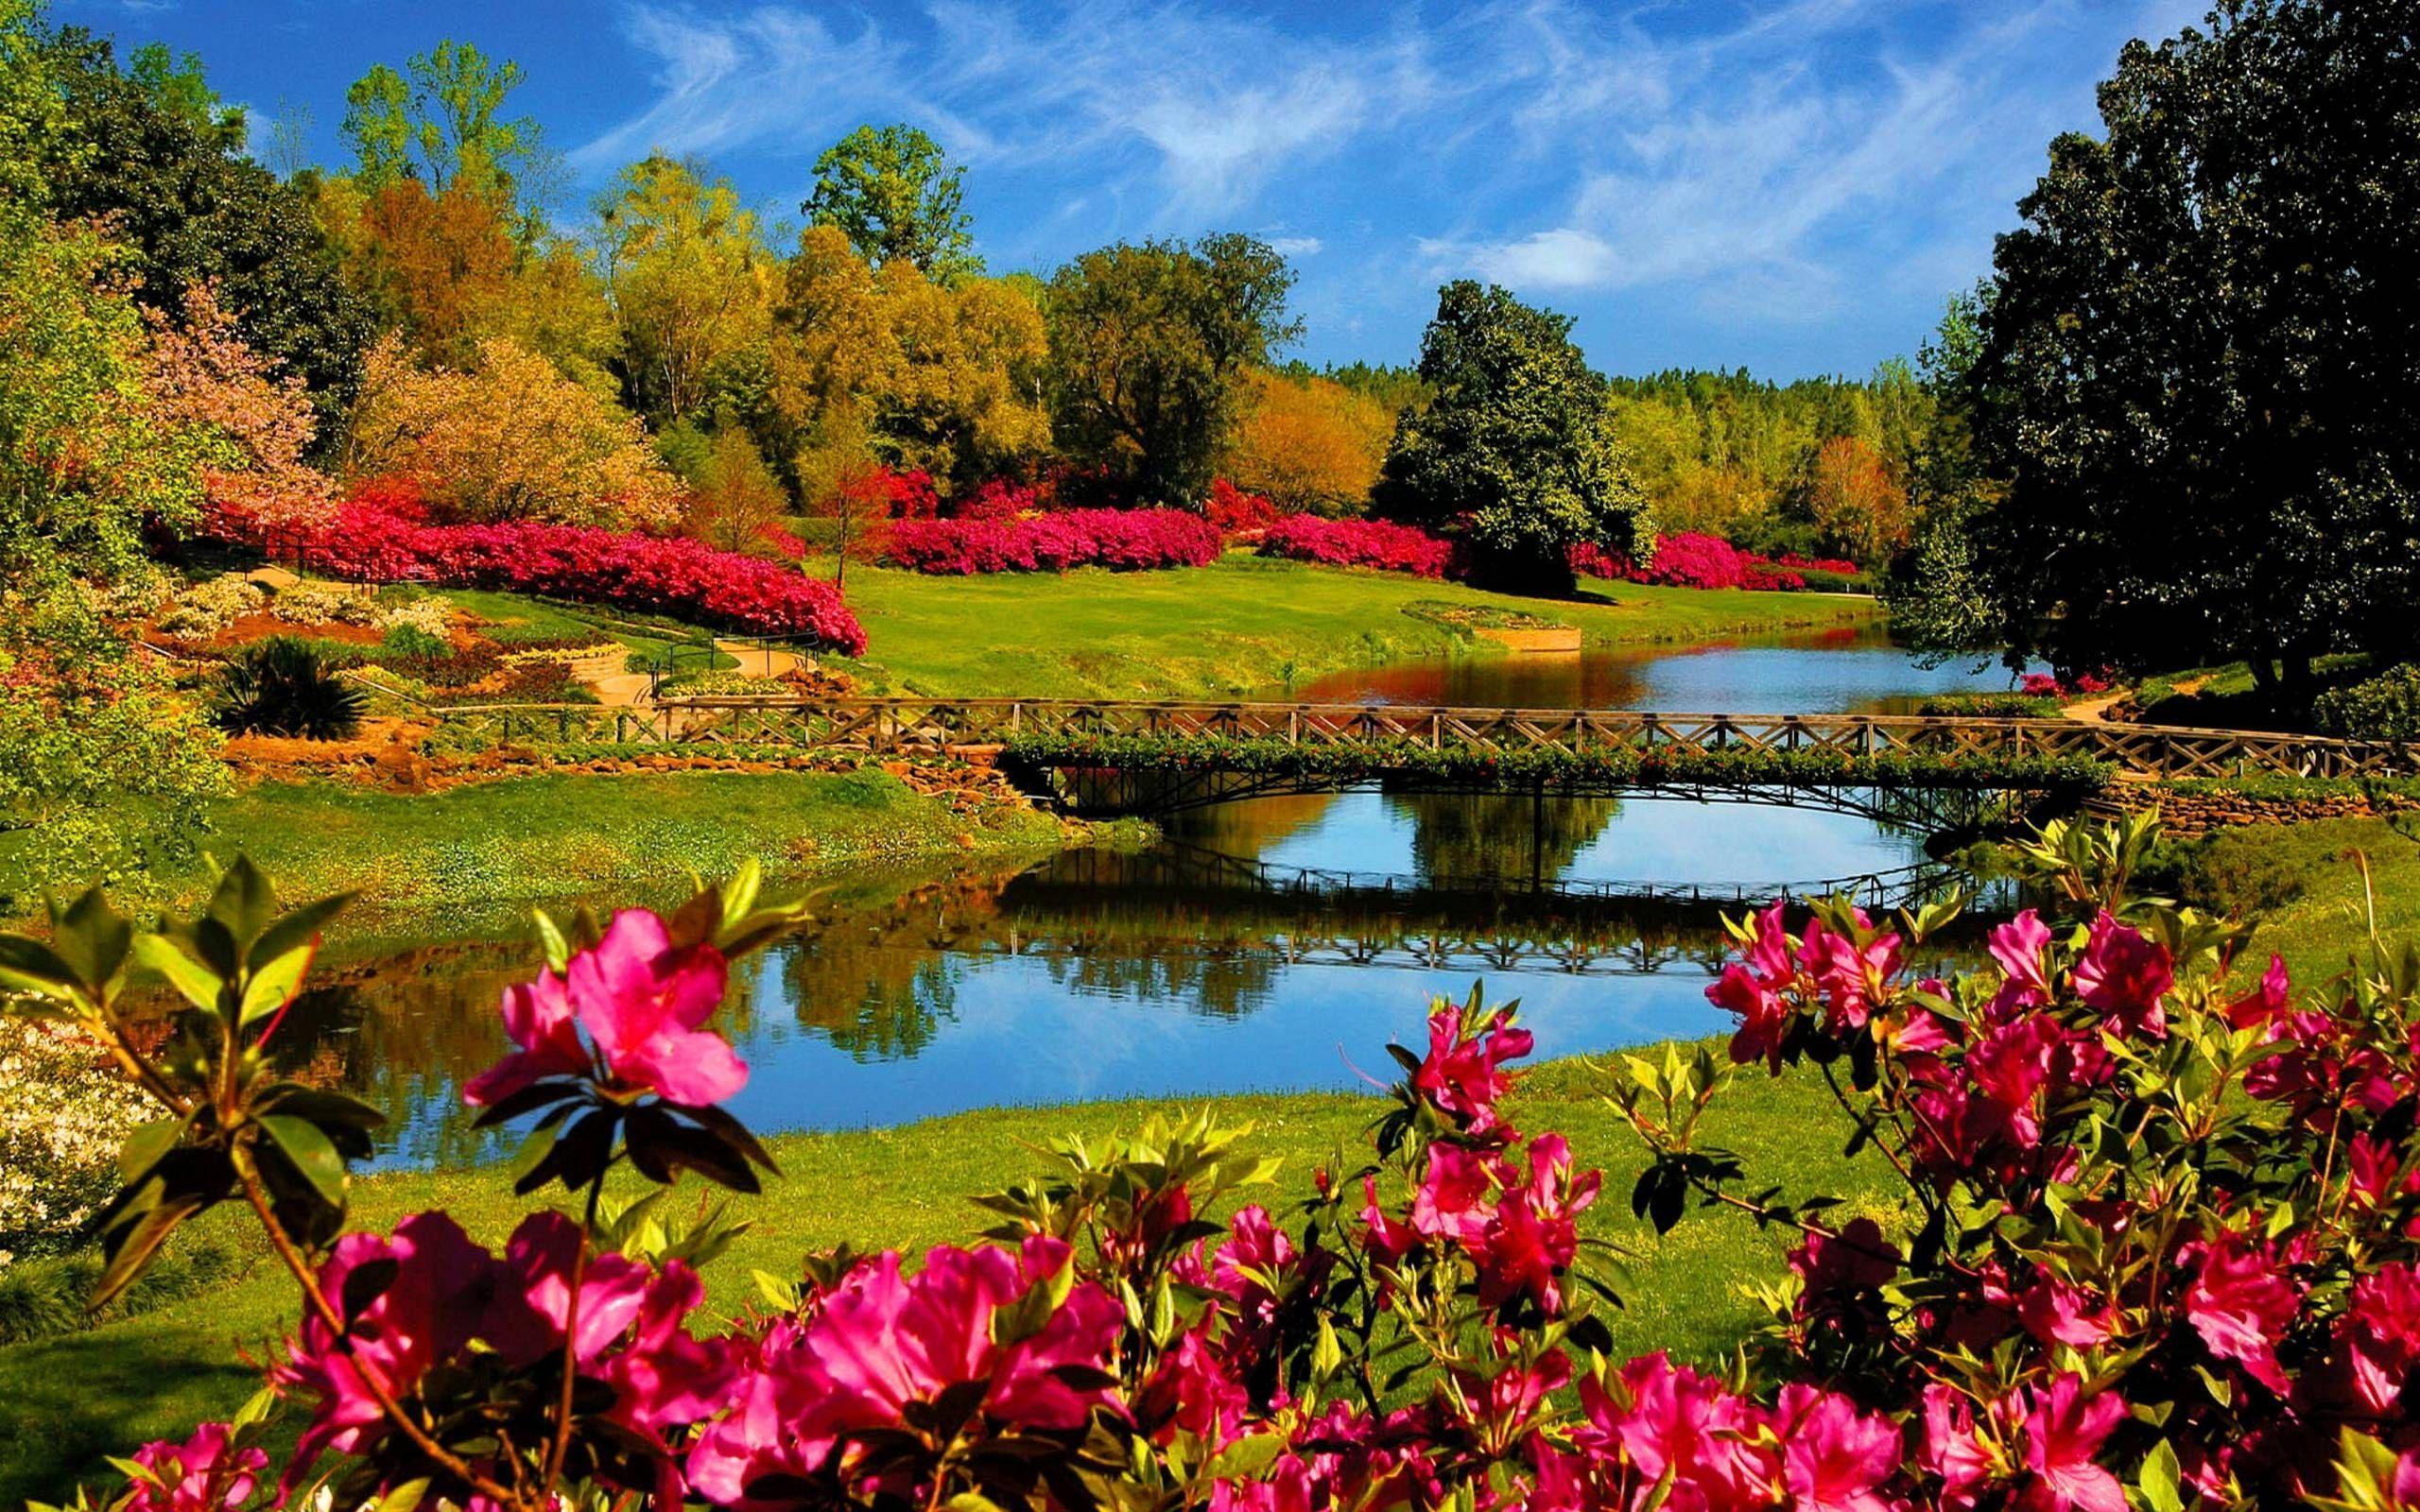 10 Most Popular Spring Nature Wallpaper Desktop Full Hd 1920 1080 For Pc Desktop Lake Landscape Spring Wallpaper Nature Wallpaper